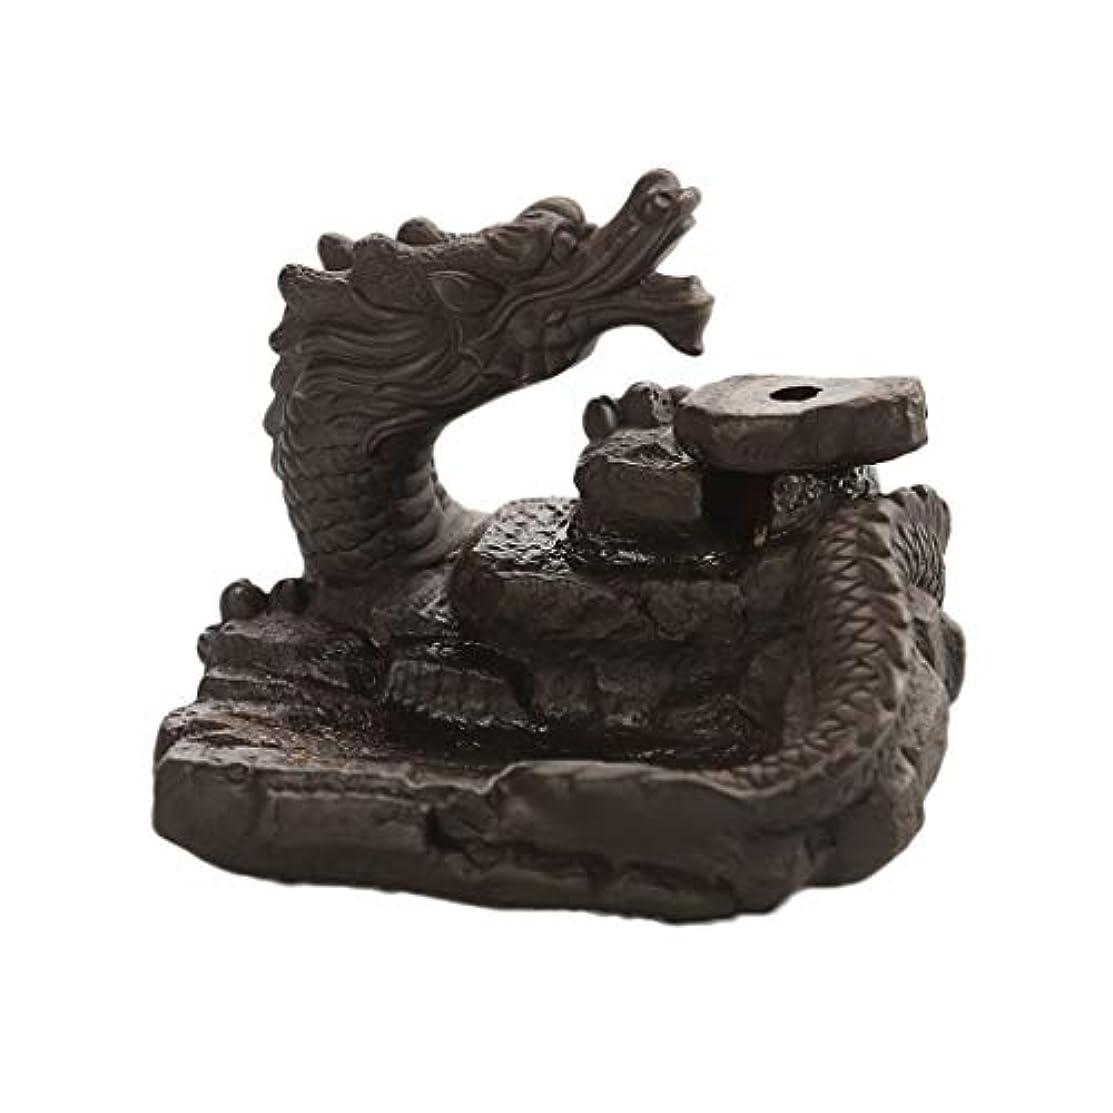 ペチコート吸収残酷家の装飾ドラゴン逆流還流香バーナーセラミックスティックホルダーコーンセンサー茶室飾り香炉 芳香器?アロマバーナー (Color : Black, サイズ : 3.46*3.14*2.36 inches)